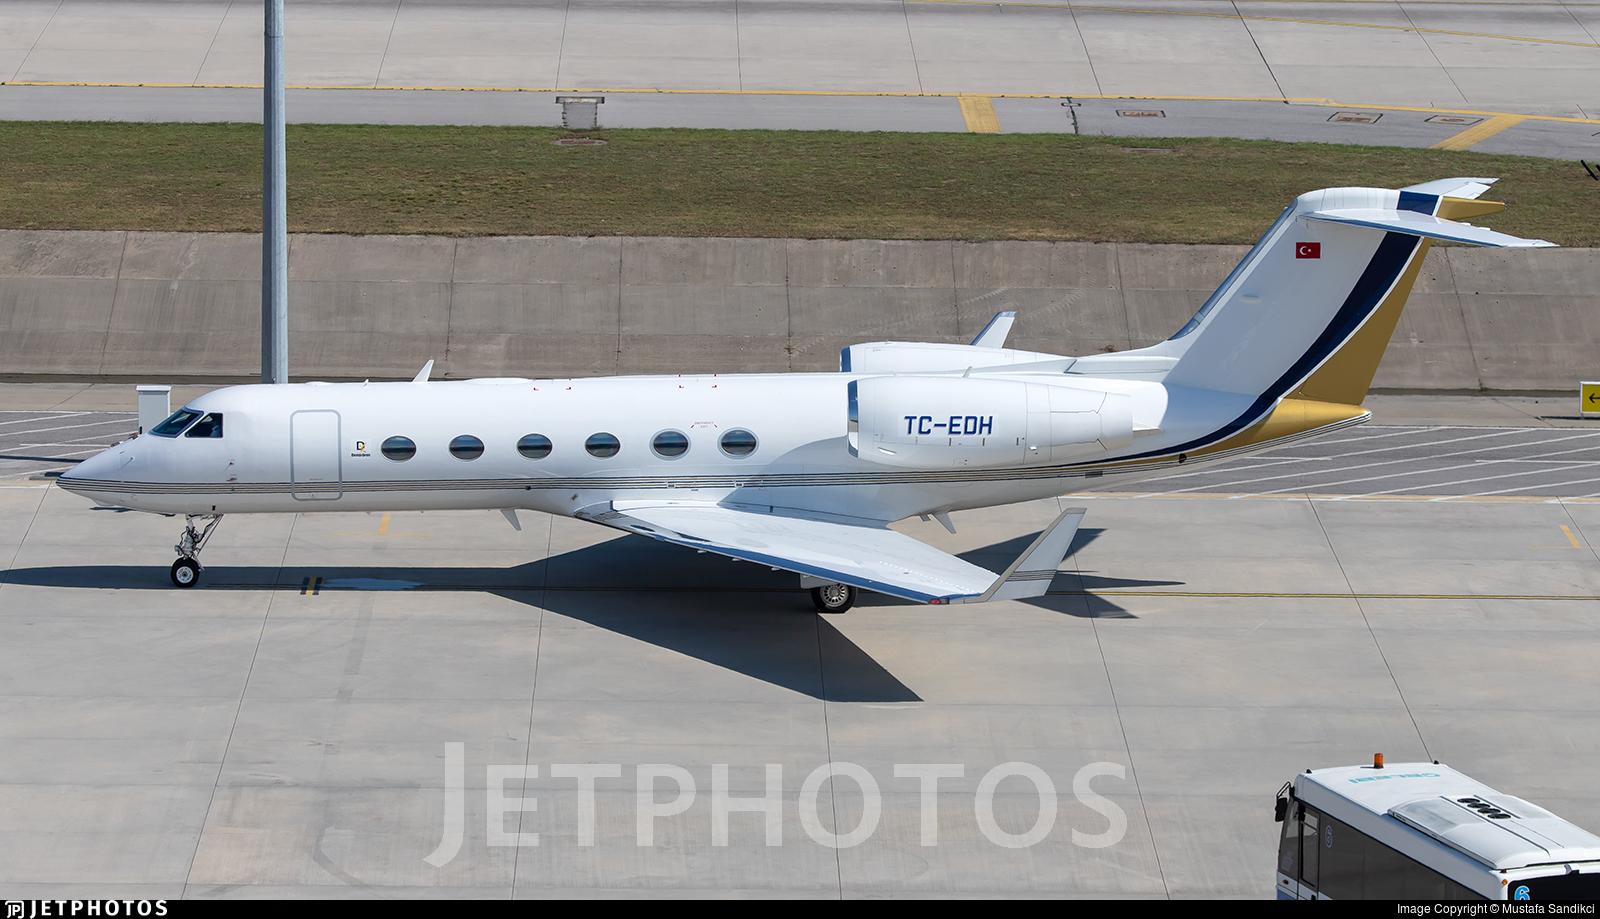 TC-EDH - Gulfstream G450 - Private